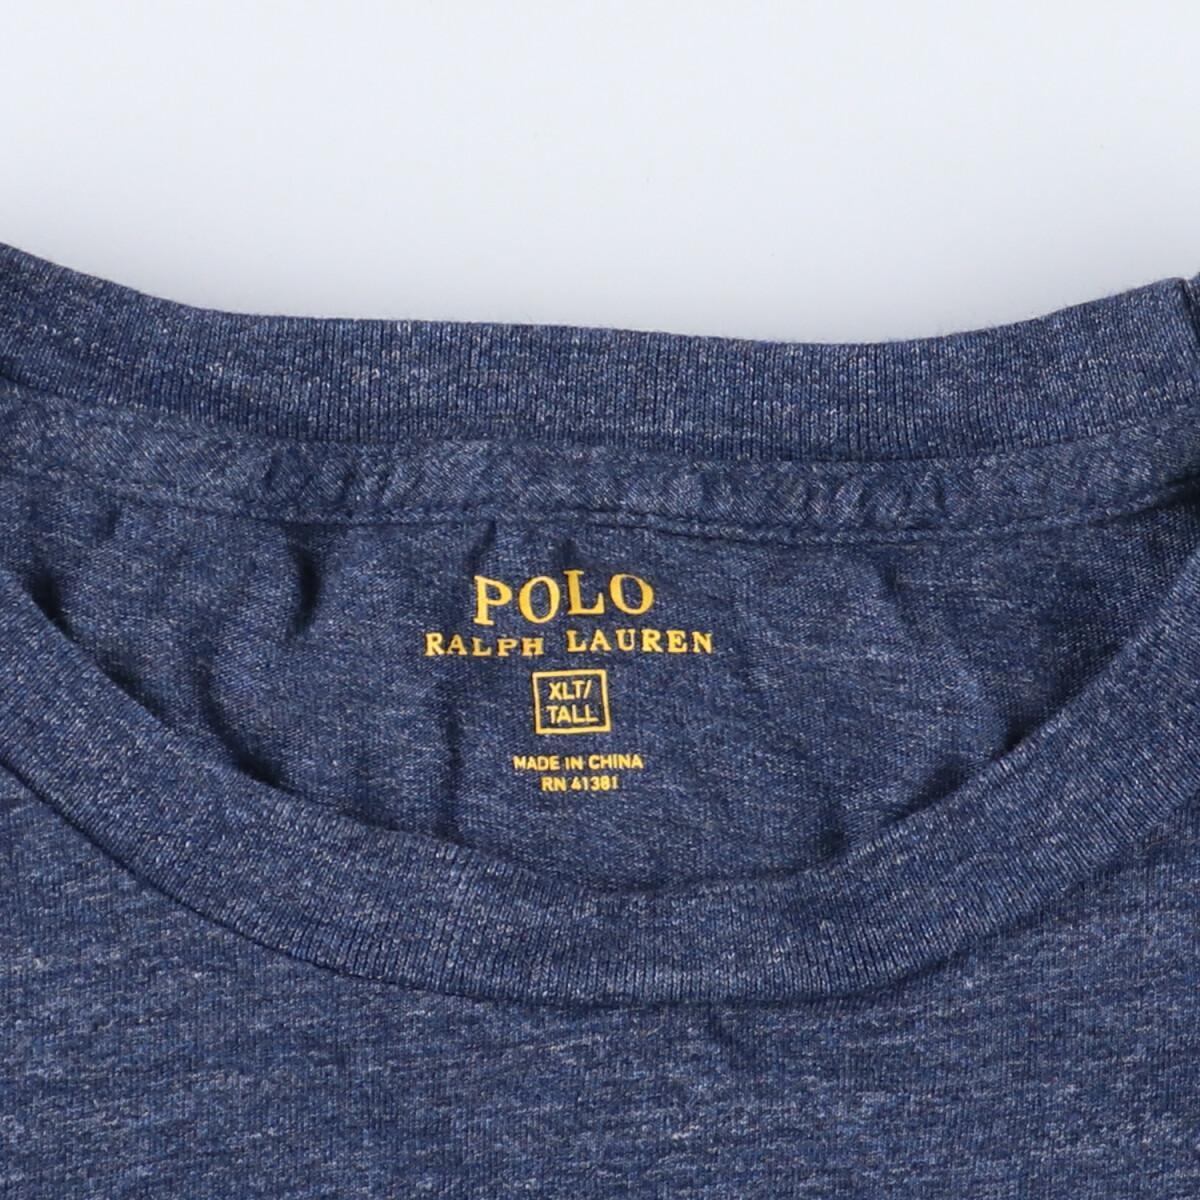 ラルフローレン Ralph Lauren POLO RALPH LAUREN 半袖 ワンポイントロゴポケットTシャツ メンズ4XL /eaa164848_画像3